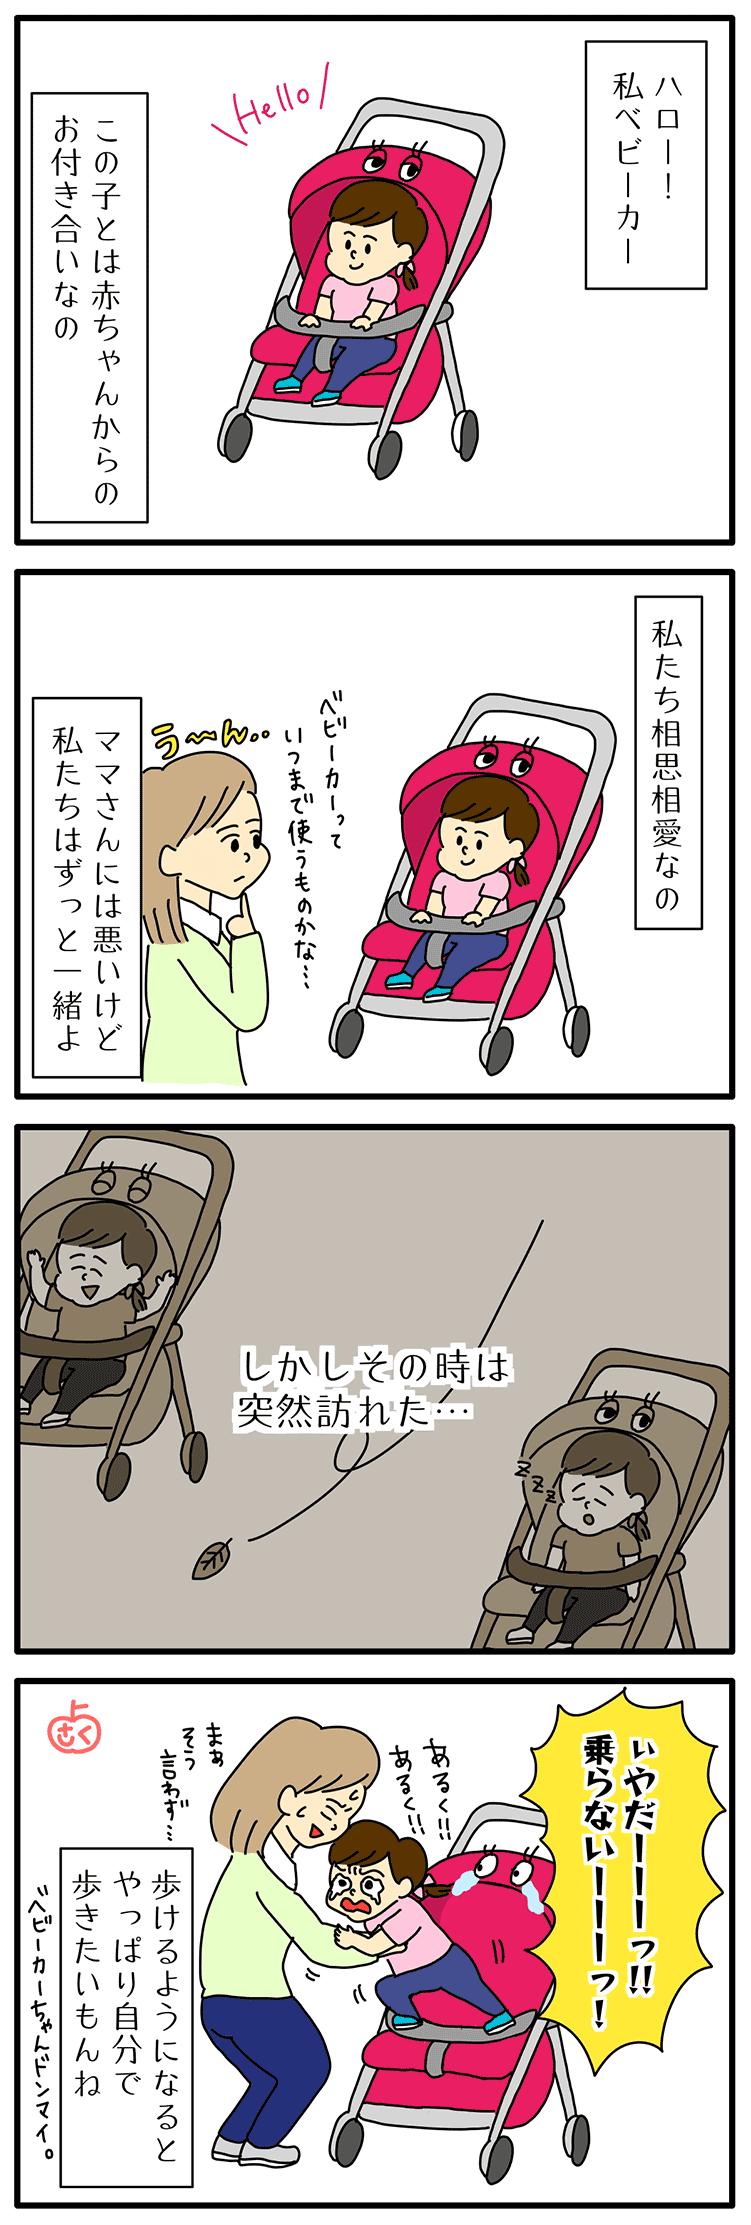 ベビーをいつまで乗りたがるかの子育て4コマ漫画